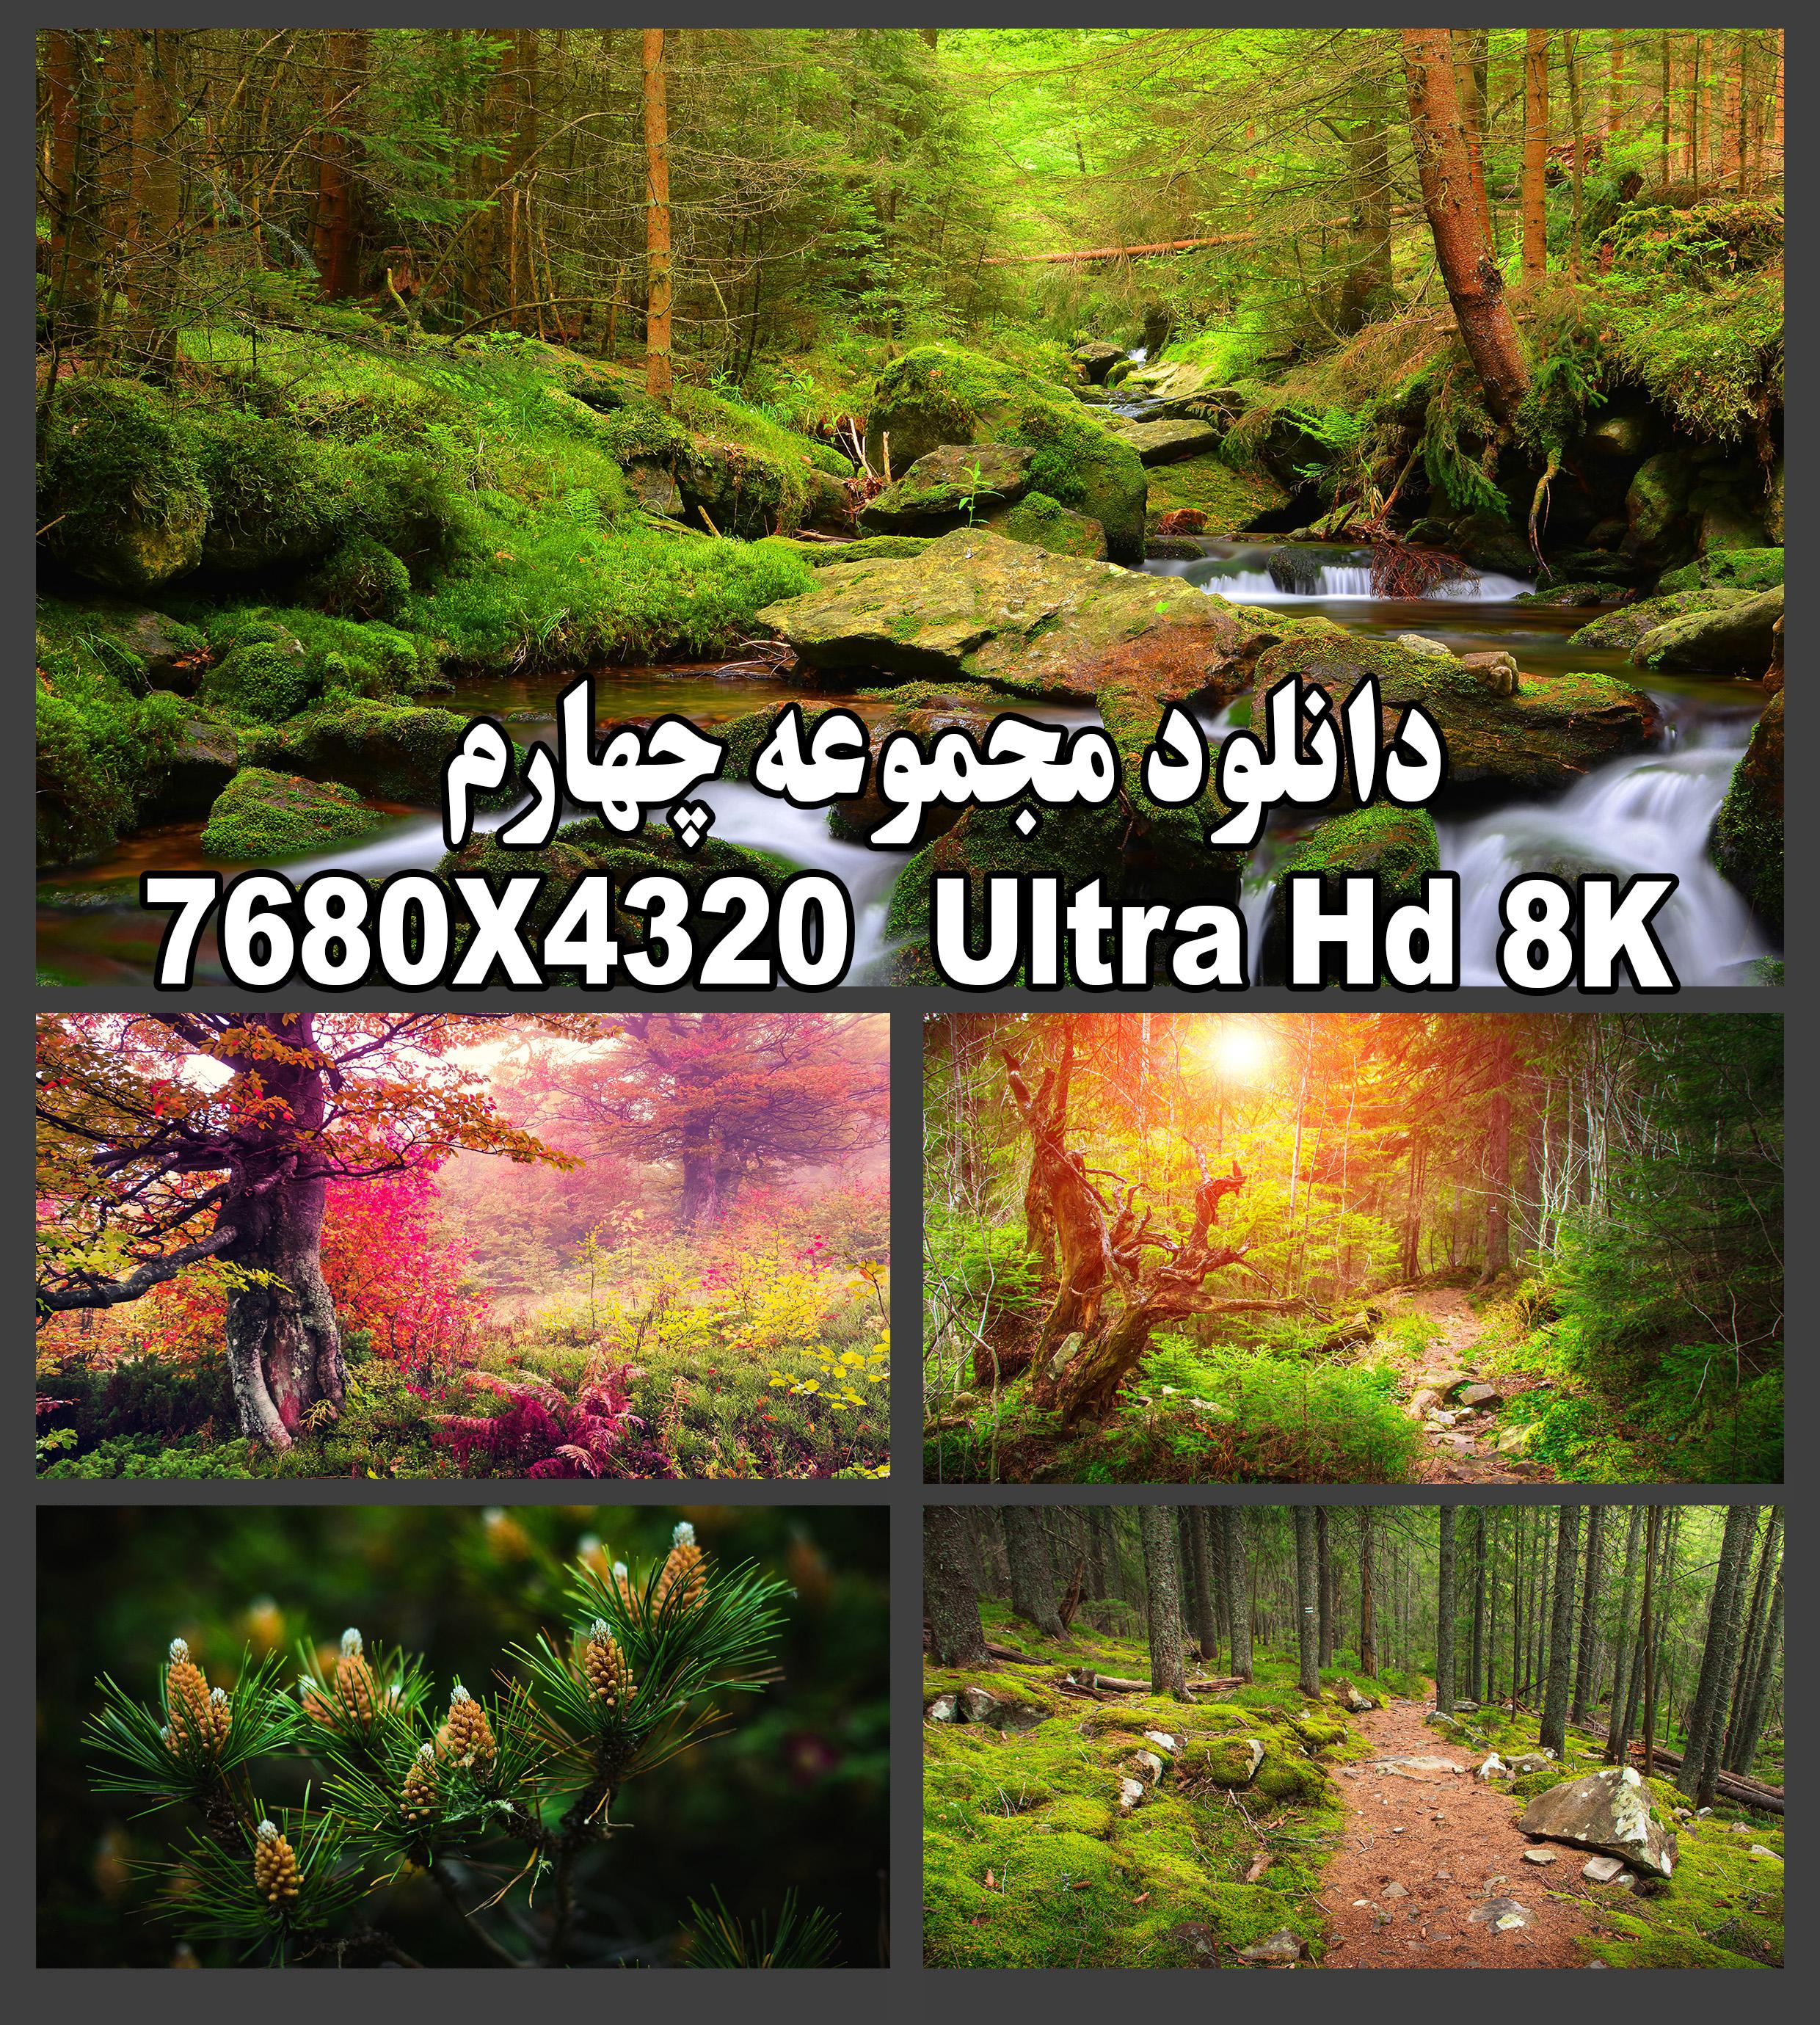 دانلود عکس طبیعت با کیفیت بالا 8k